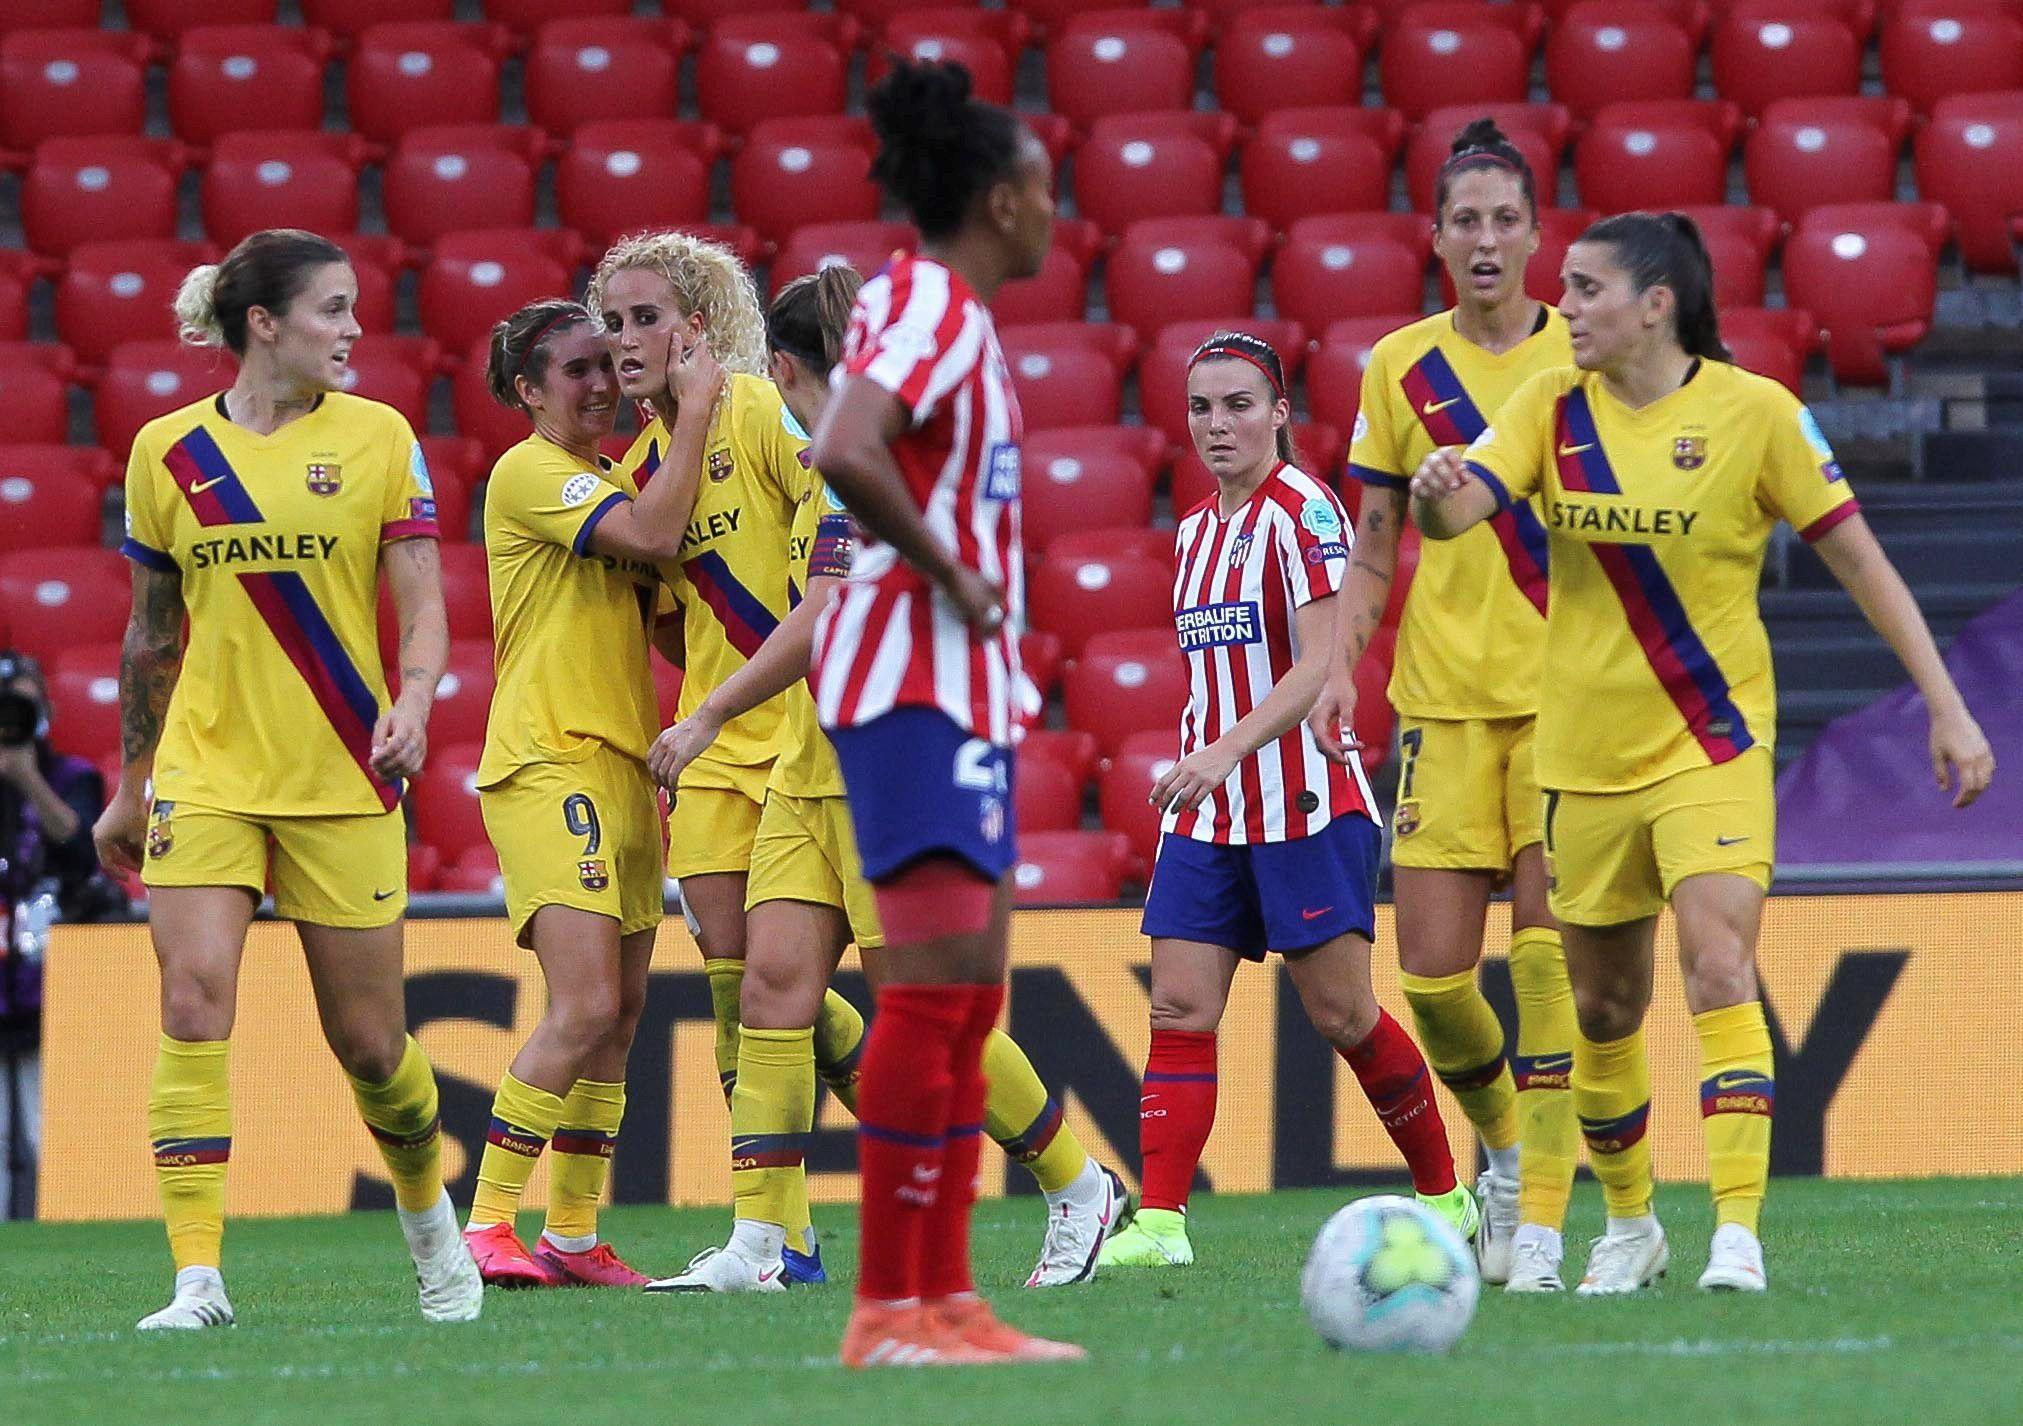 Las jugadoras del Barcelona celebran su gol ante el Atlético de Madrid durante el encuentro de cuartos de final de la Liga de Campeones de la UEFA que Atlético de Madrid y FC Barcelona disputaron este viernes en San Mamés, en Bilbao. EFE/Miguel Toña